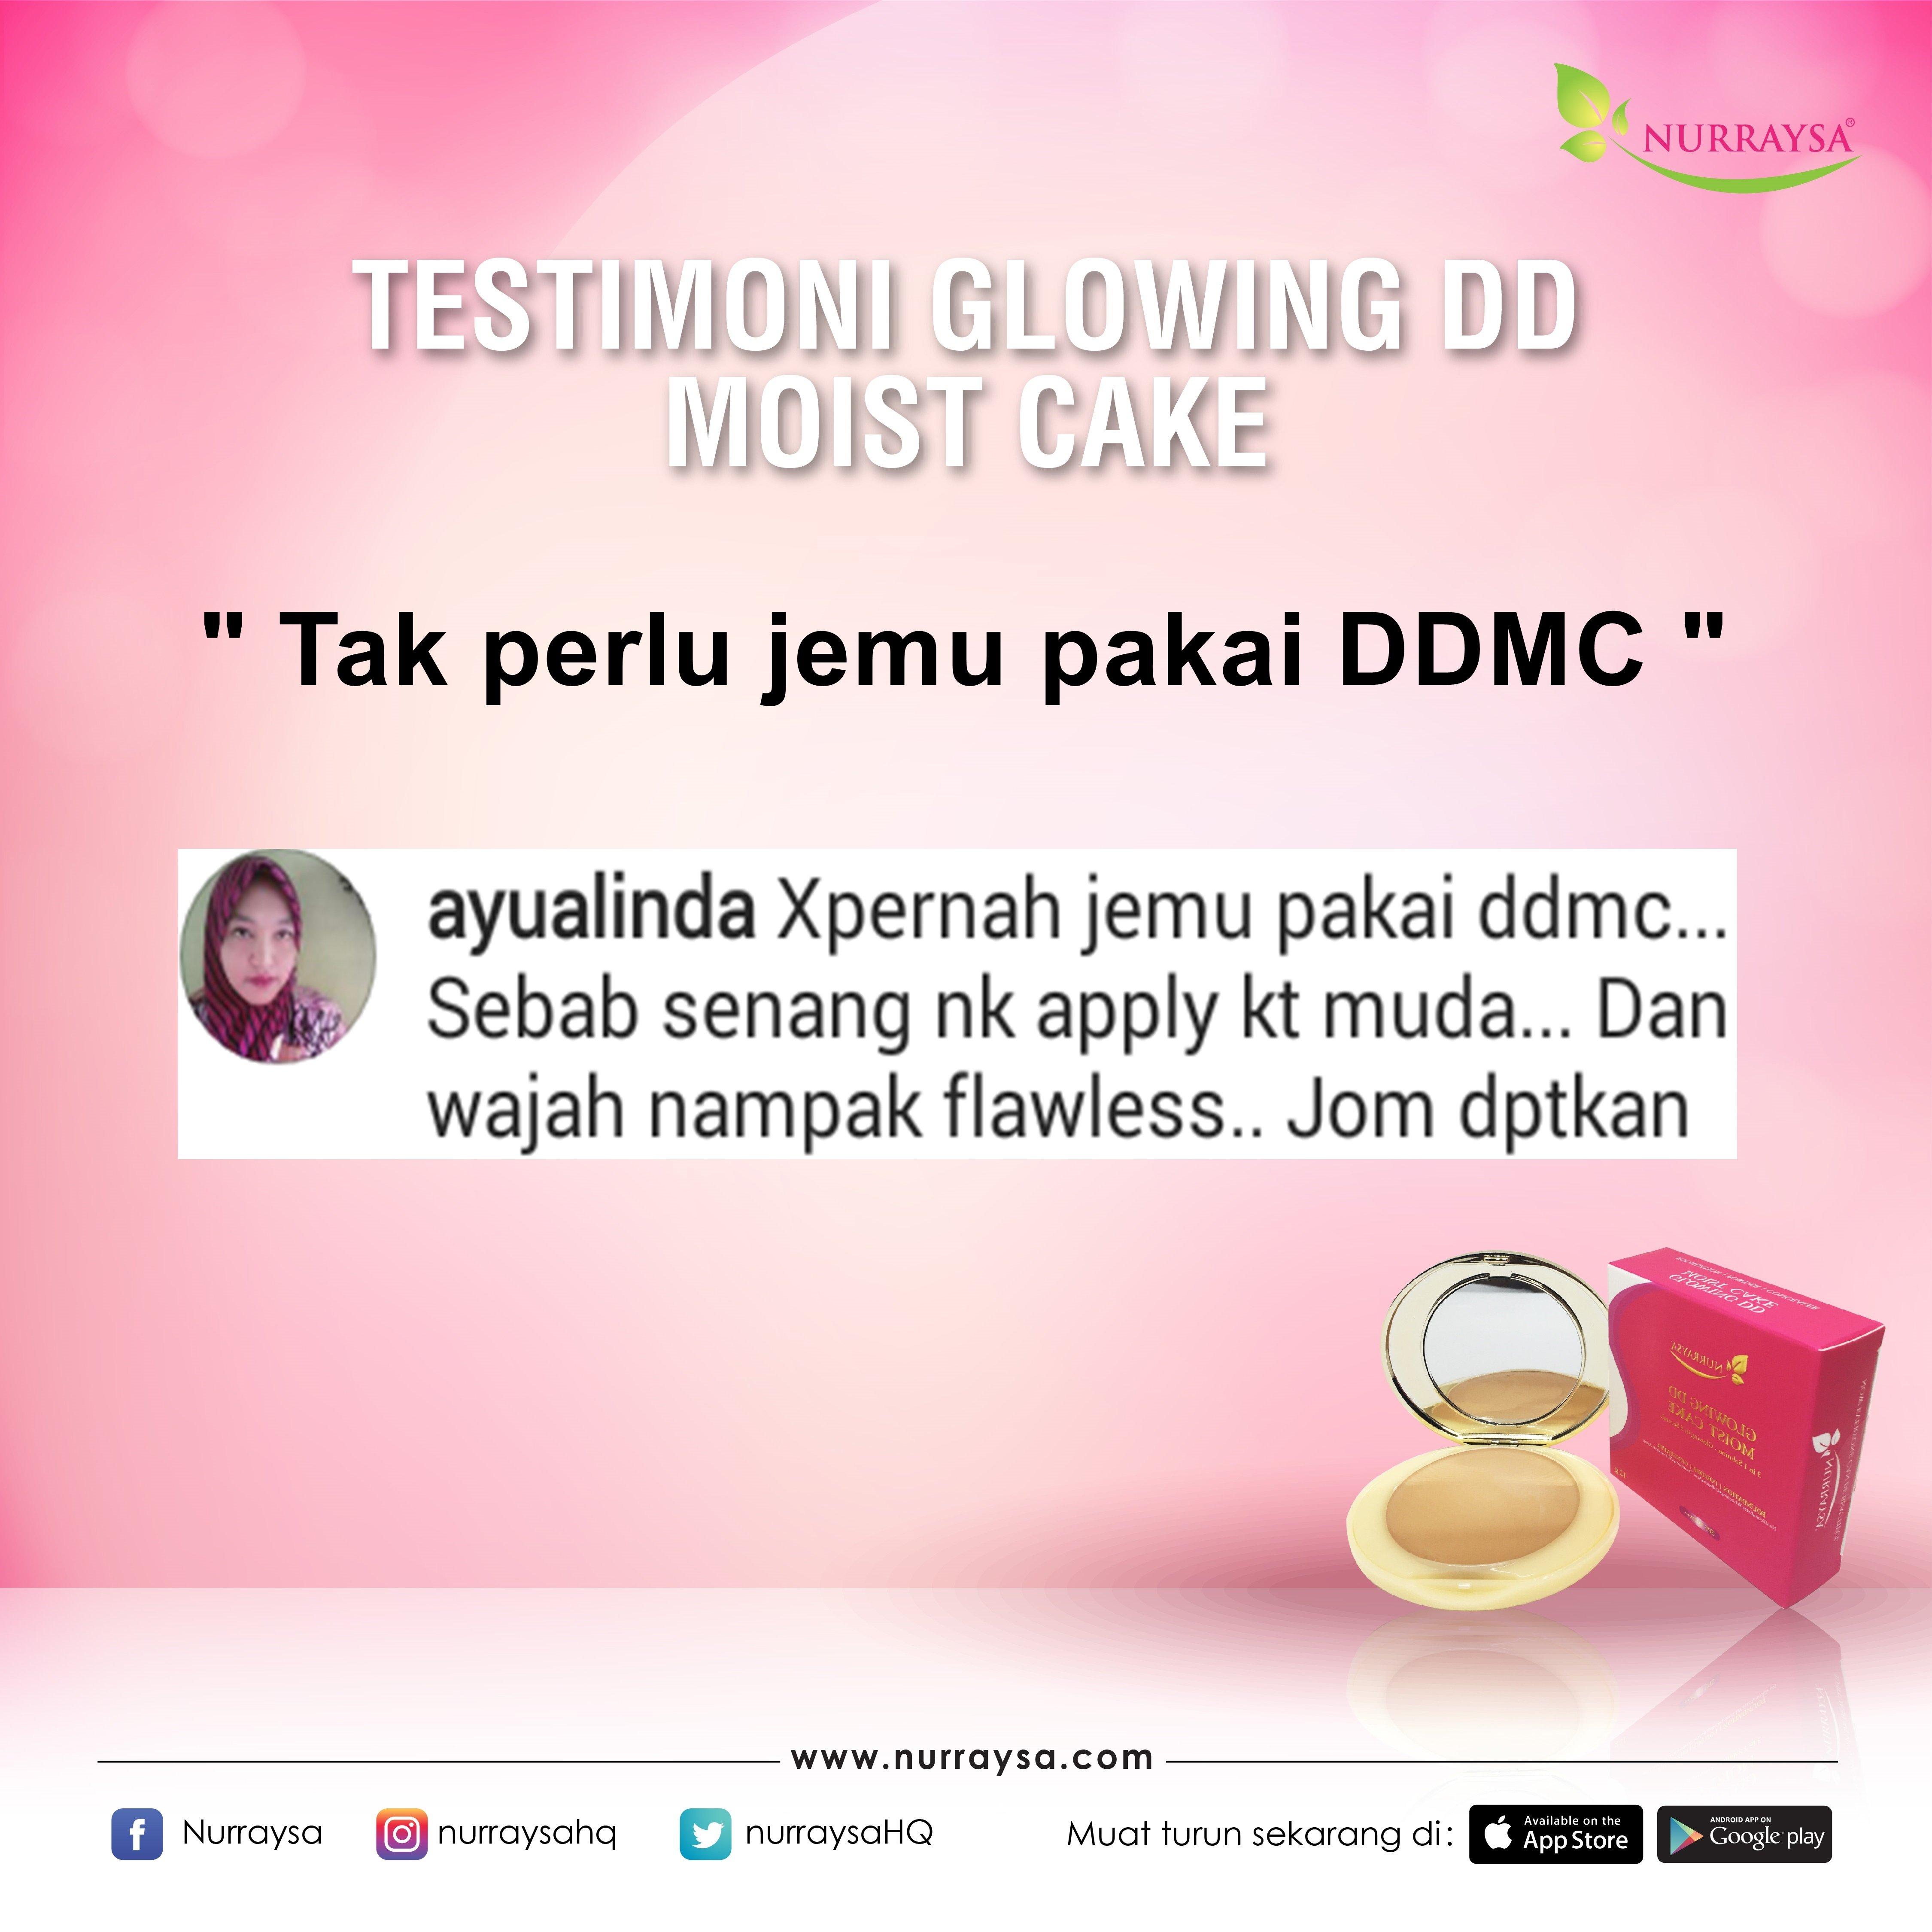 Ddmc 4